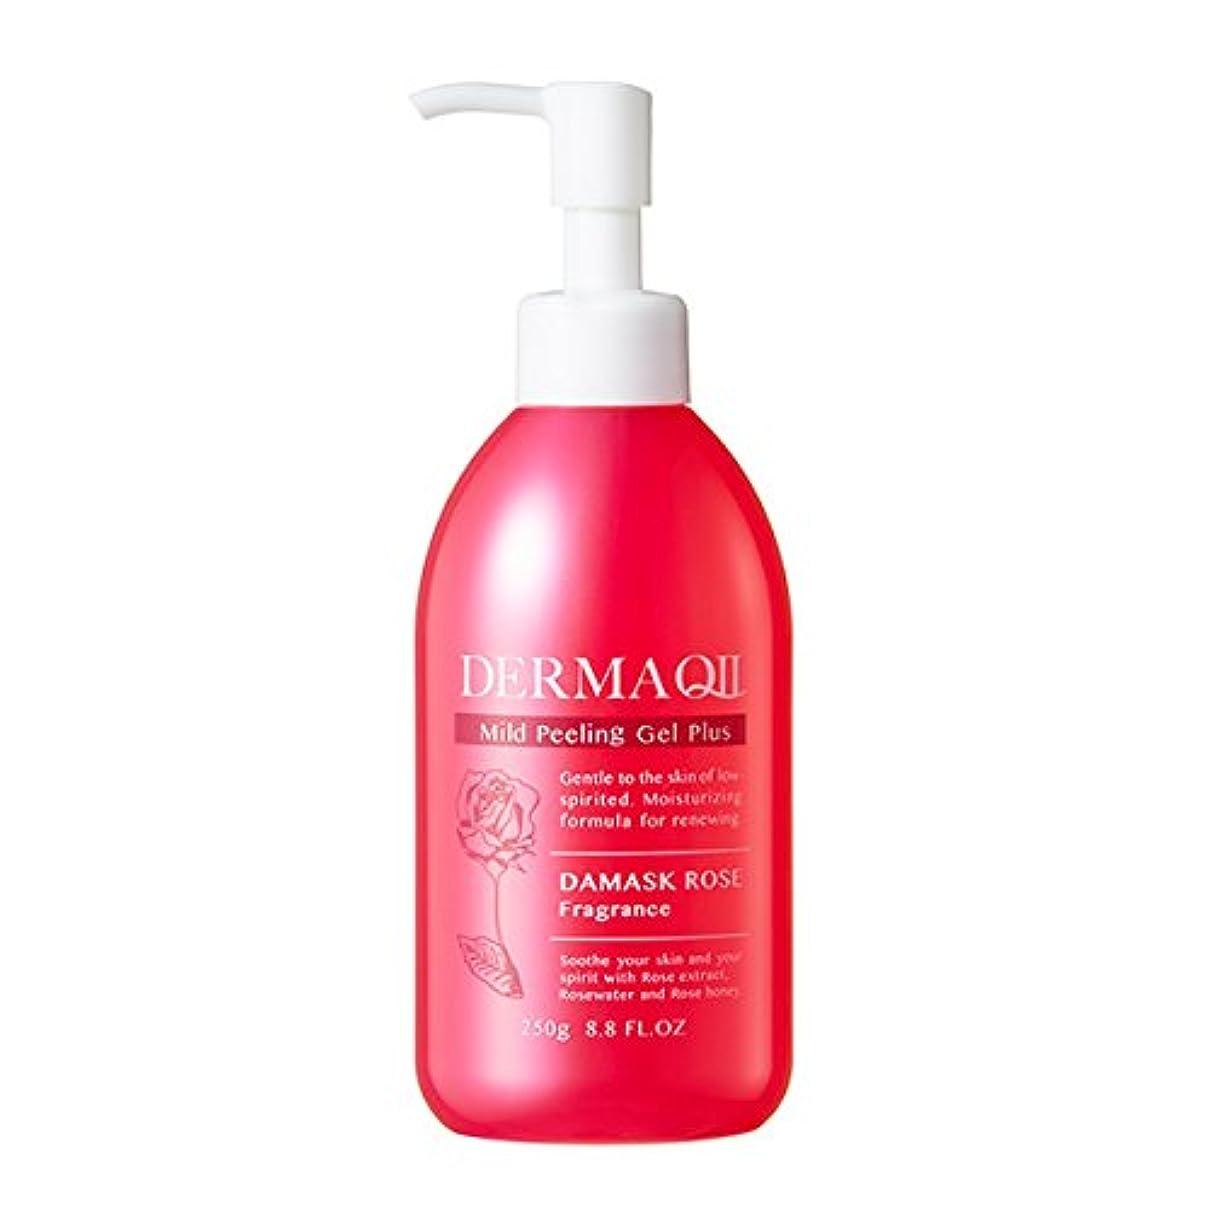 【公式】デルマキューⅡ マイルドピーリングゲル プラス ダマスクローズの香り 250g(6ヶ月分)